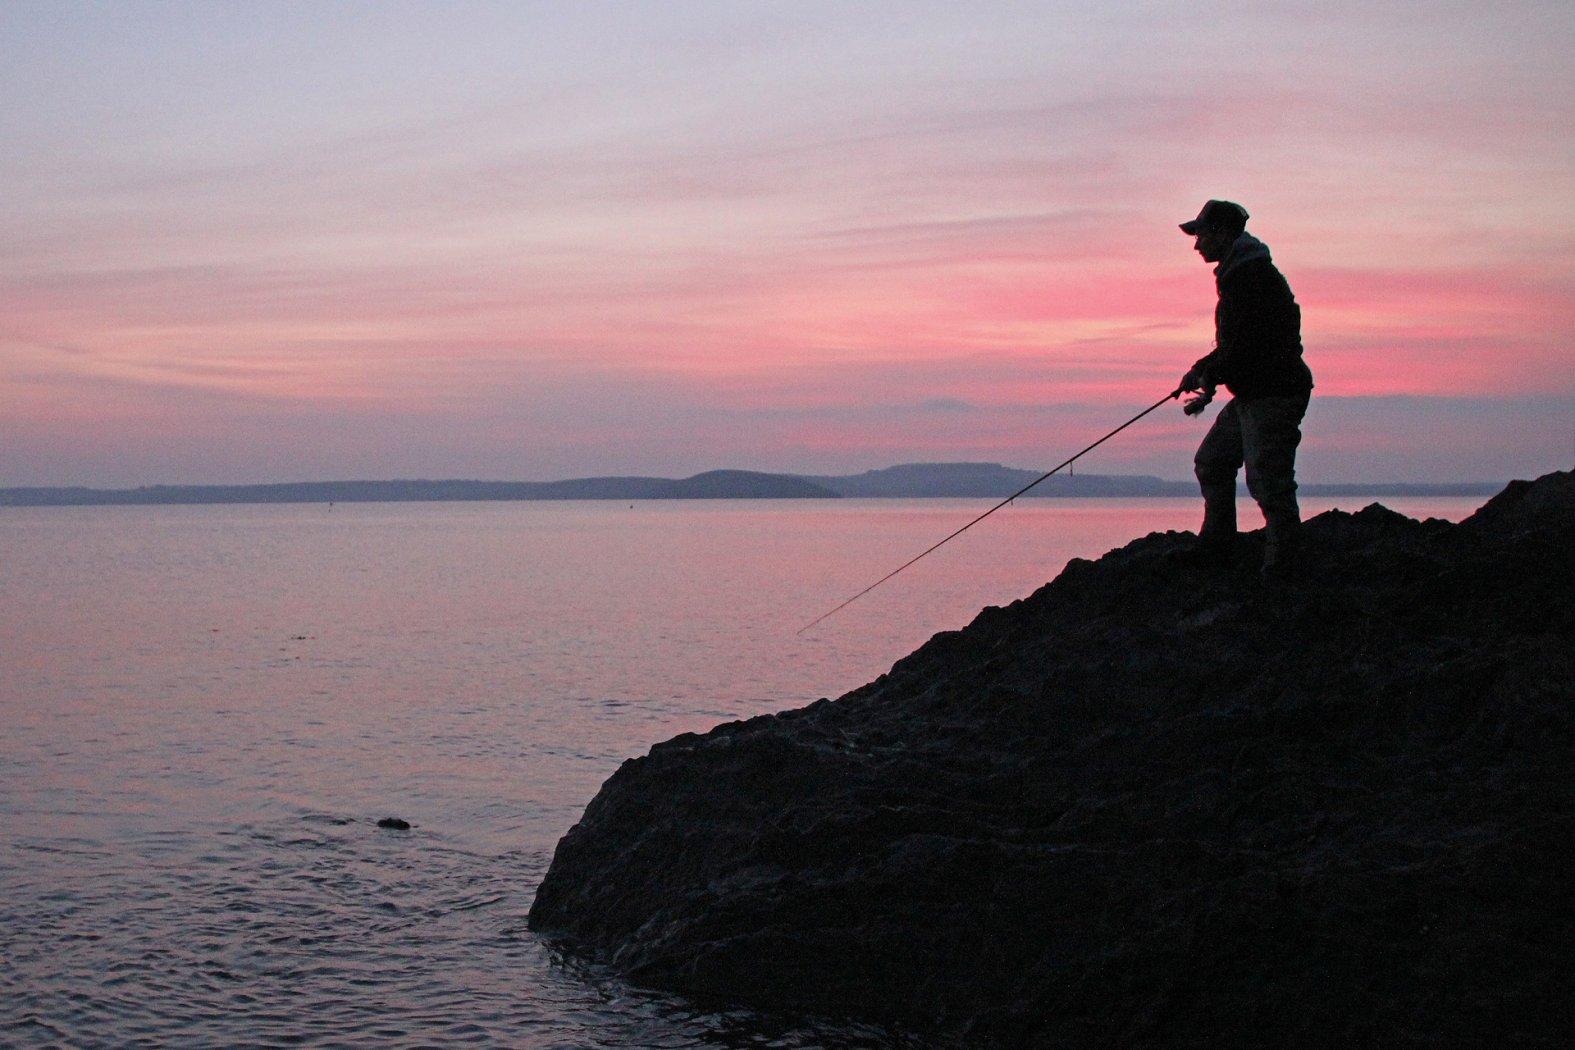 Mit der Dämmerung kommen die Makrelen dichter ans Ufer